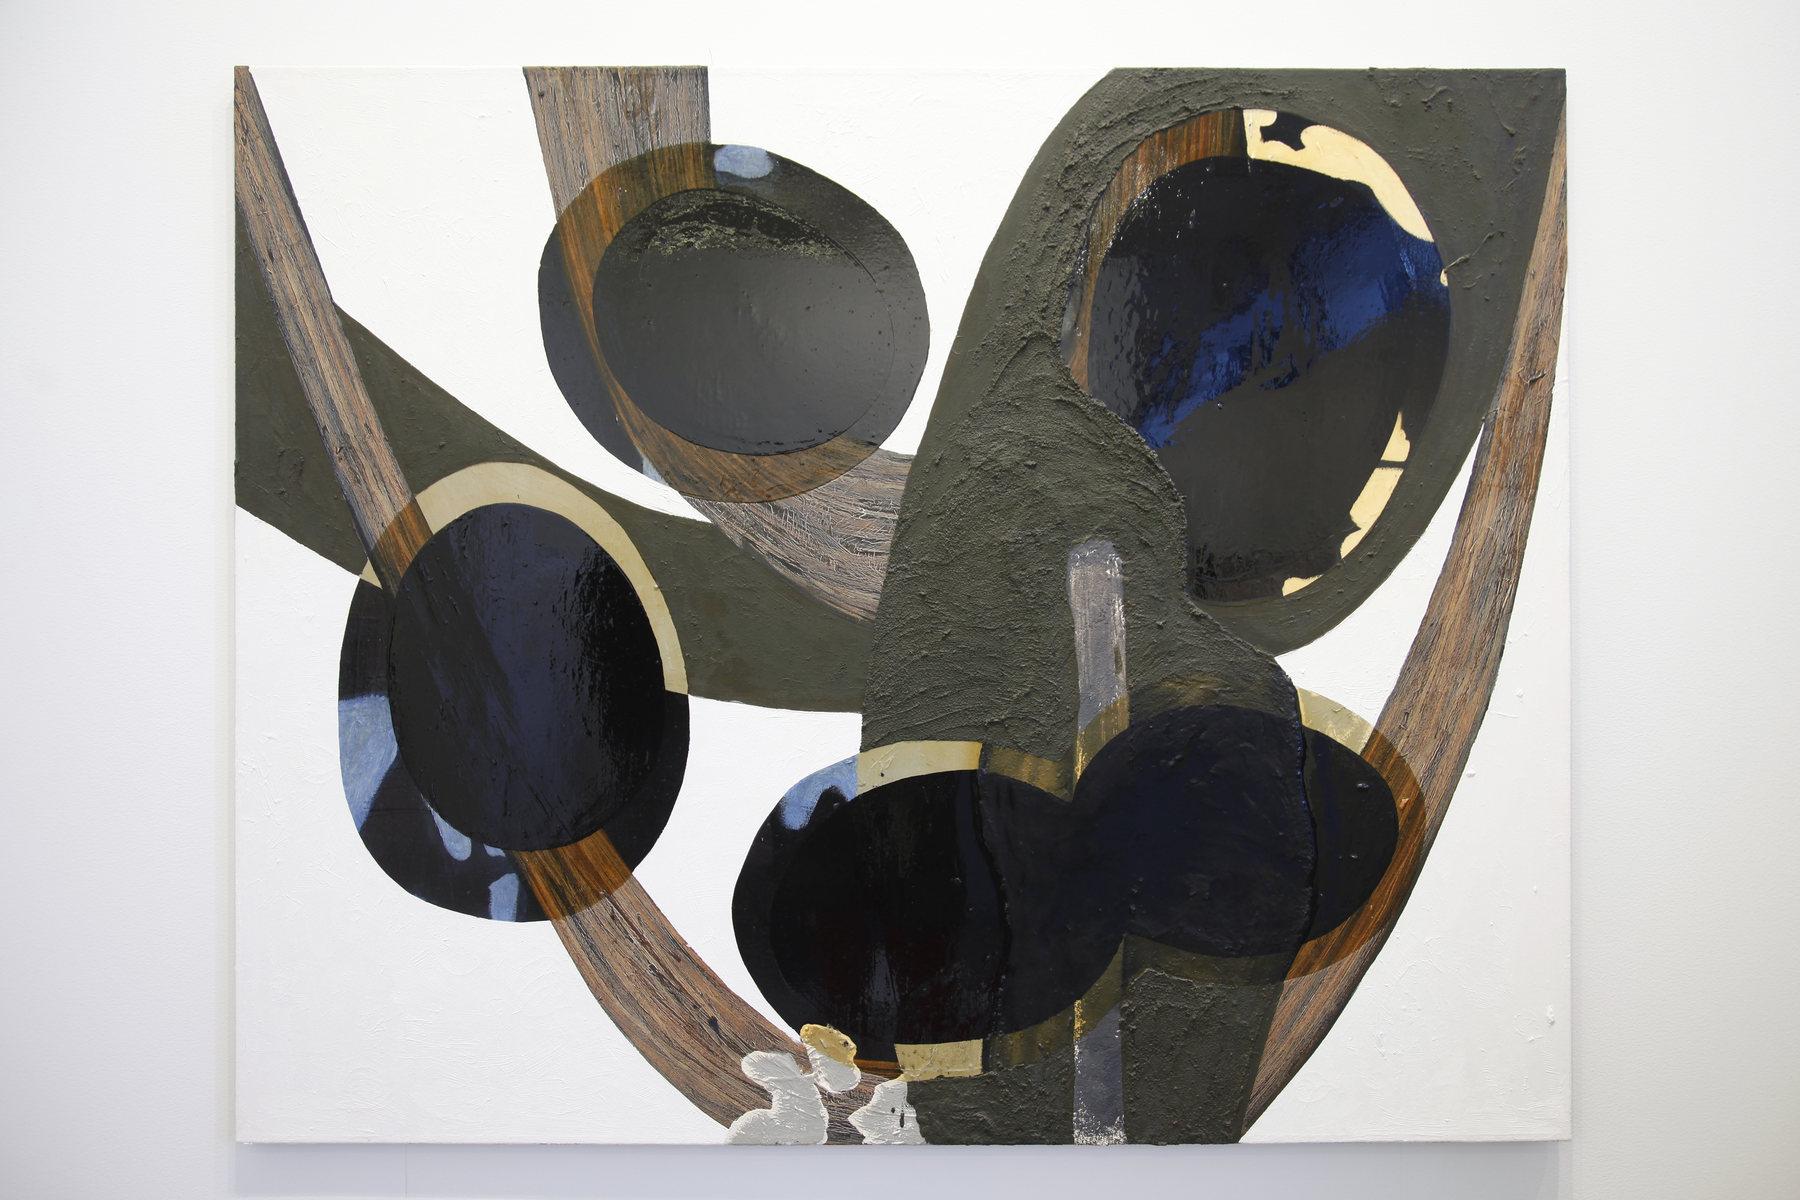 Charline von Heyl at Nagel Draxler 01